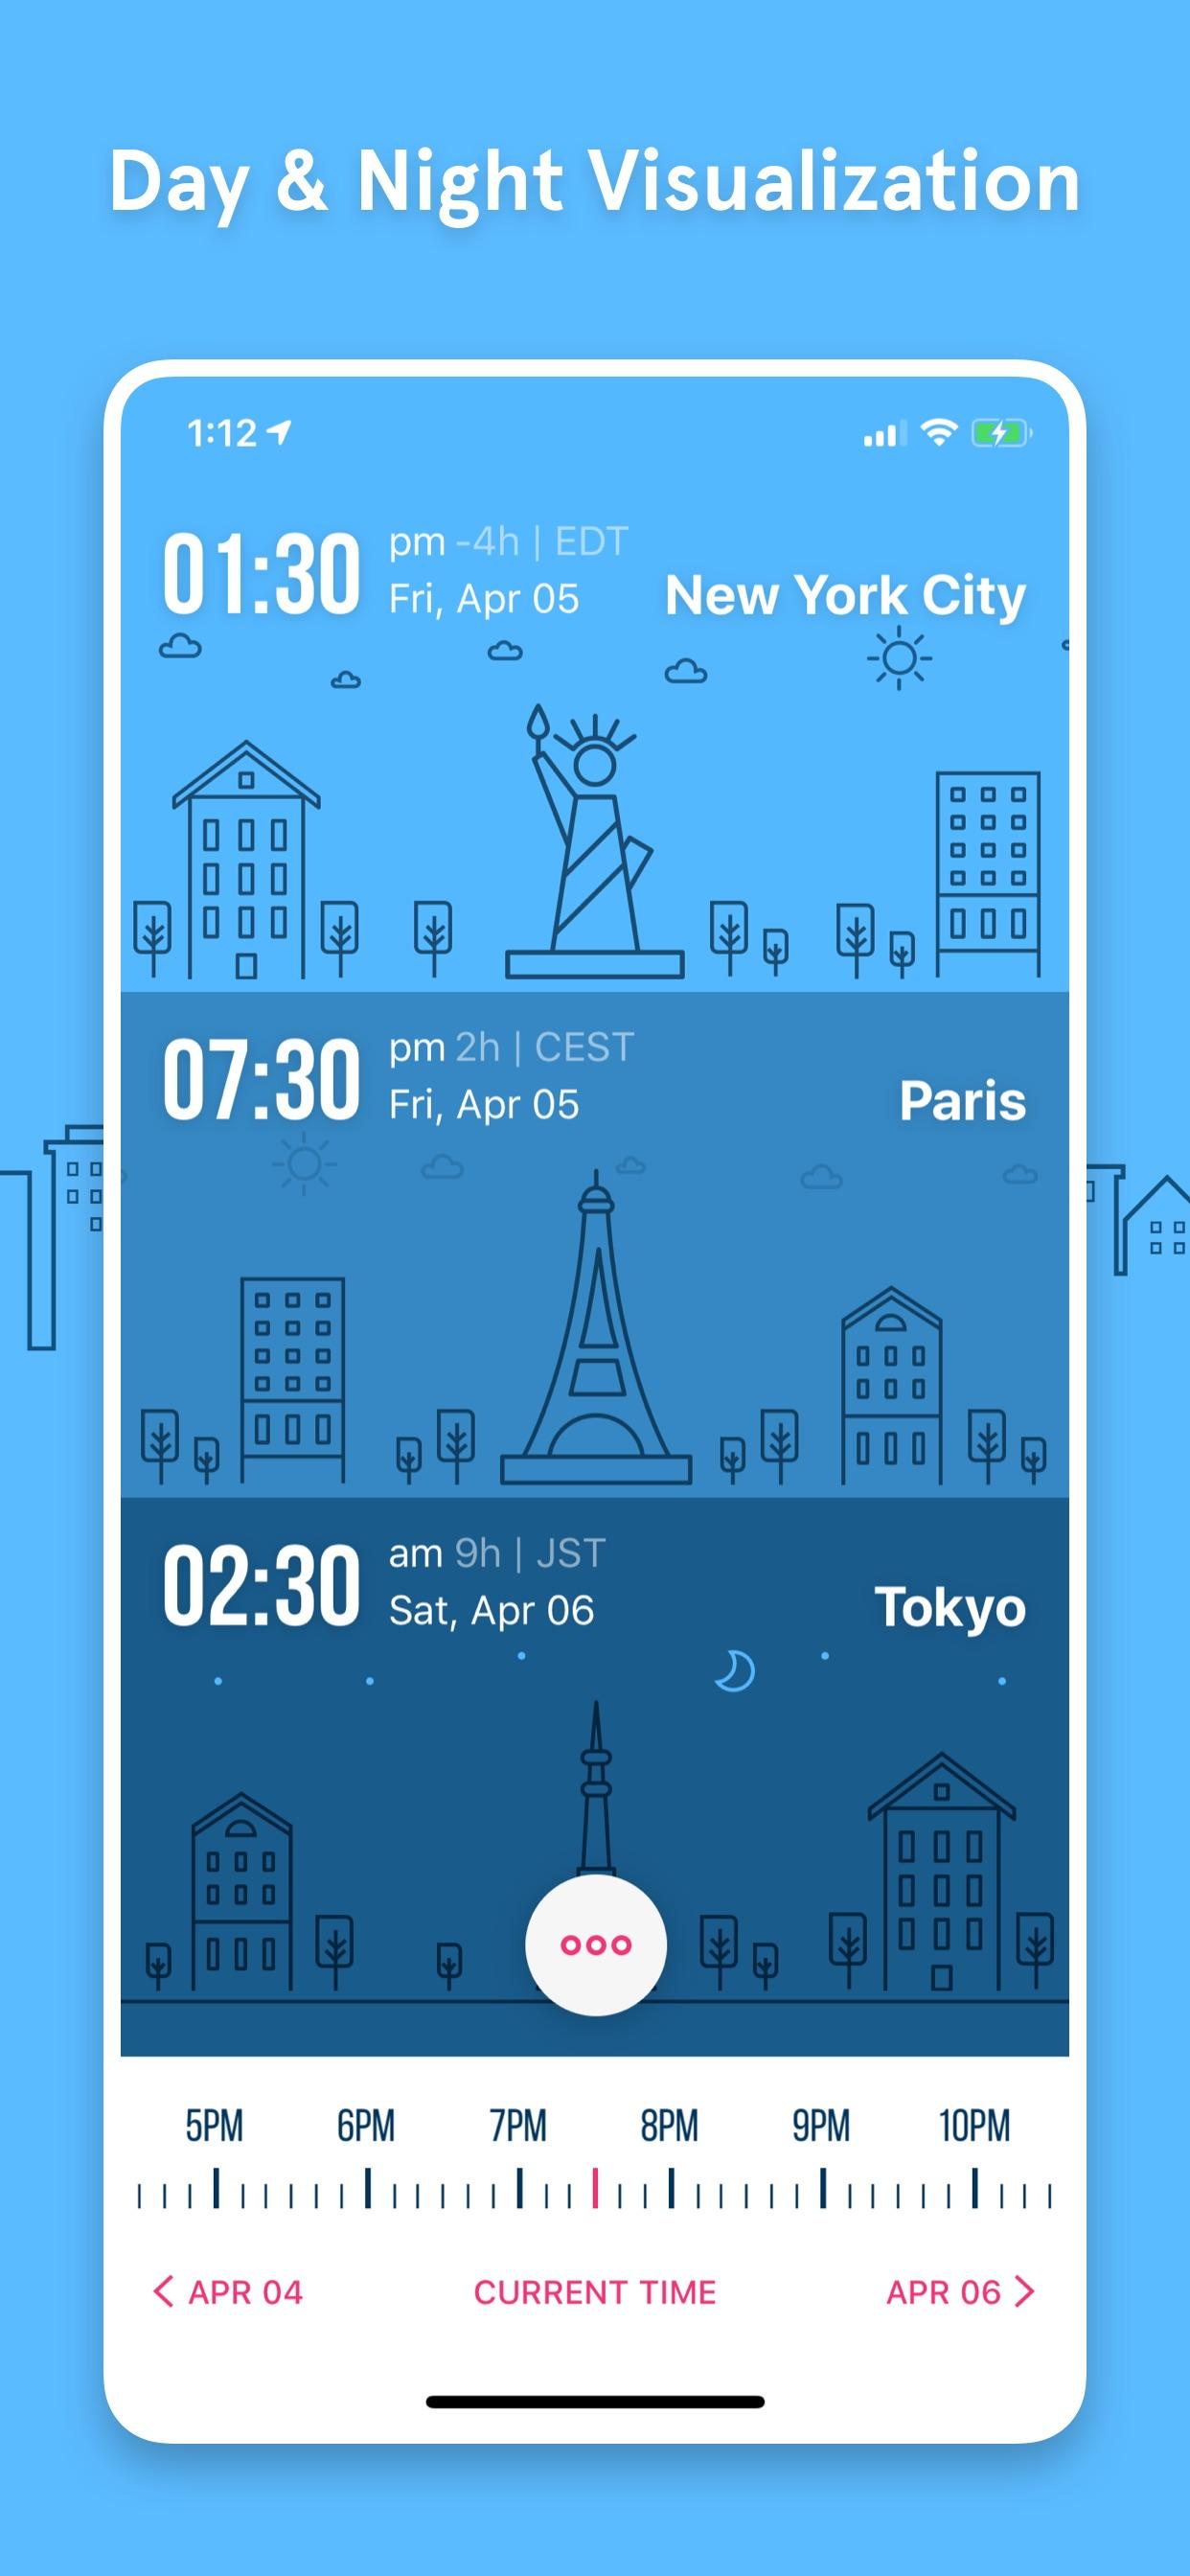 Day & Night Visualization